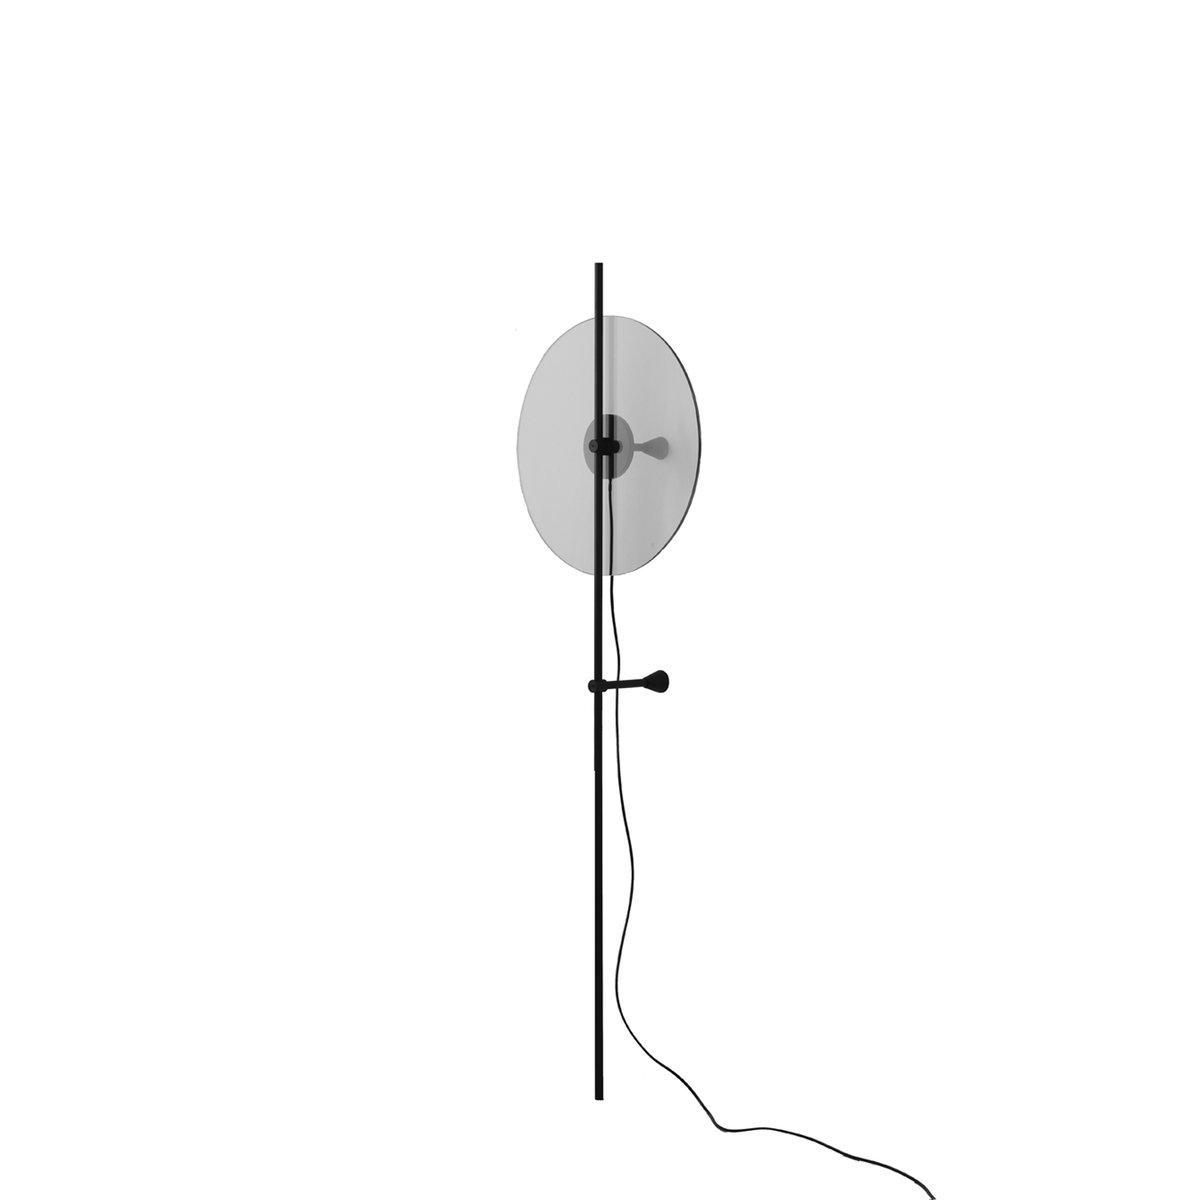 Wandlampe von Daniel Rybakken für J. HILL`s Standard